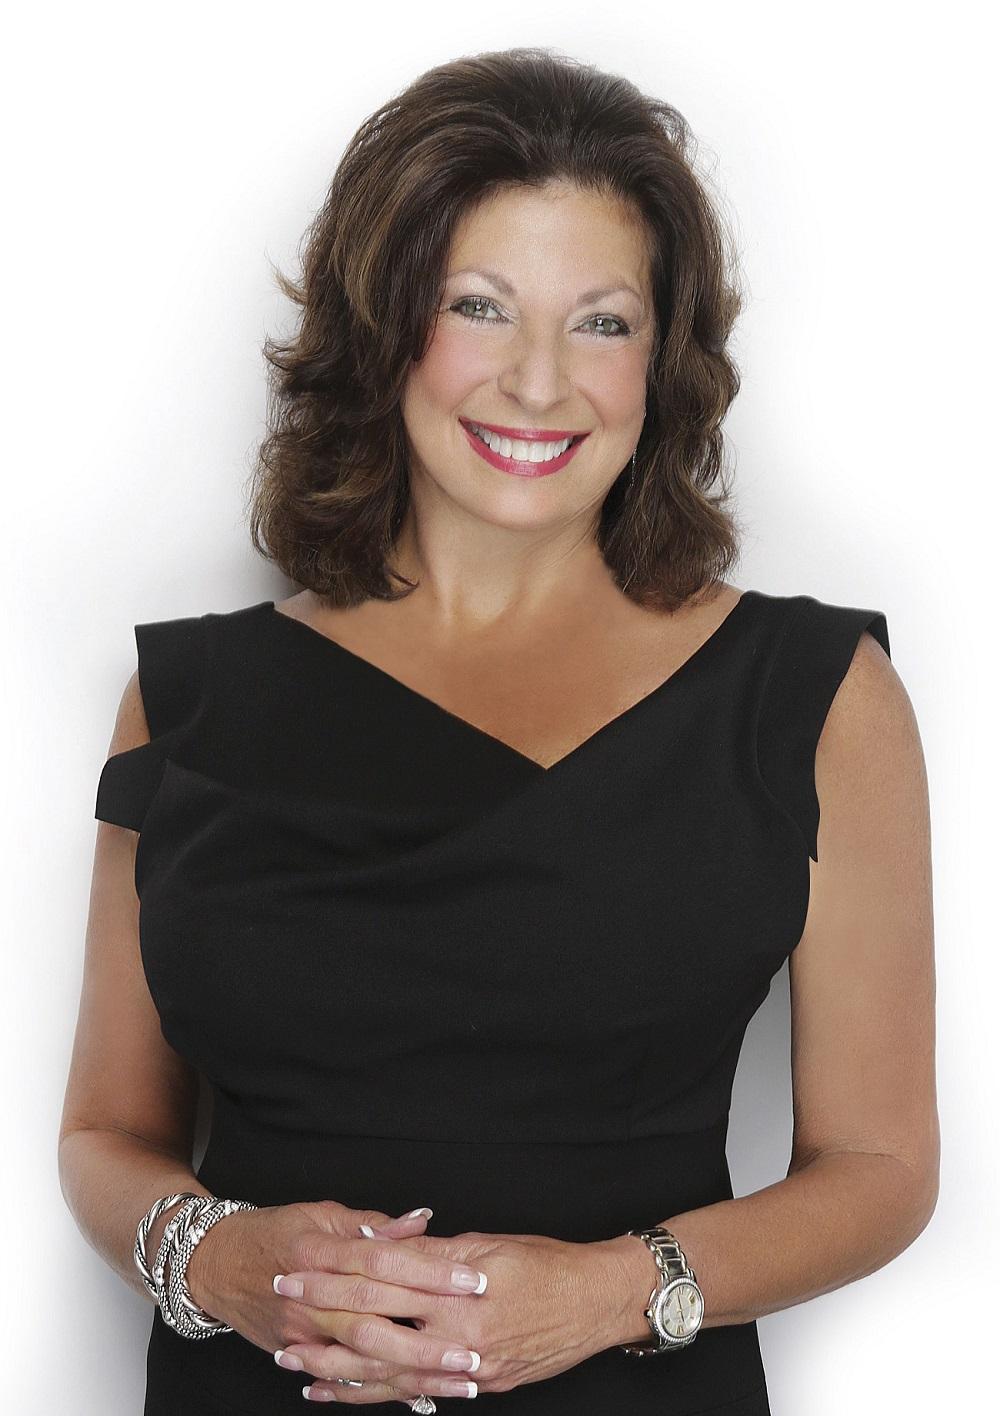 Paulette Greene